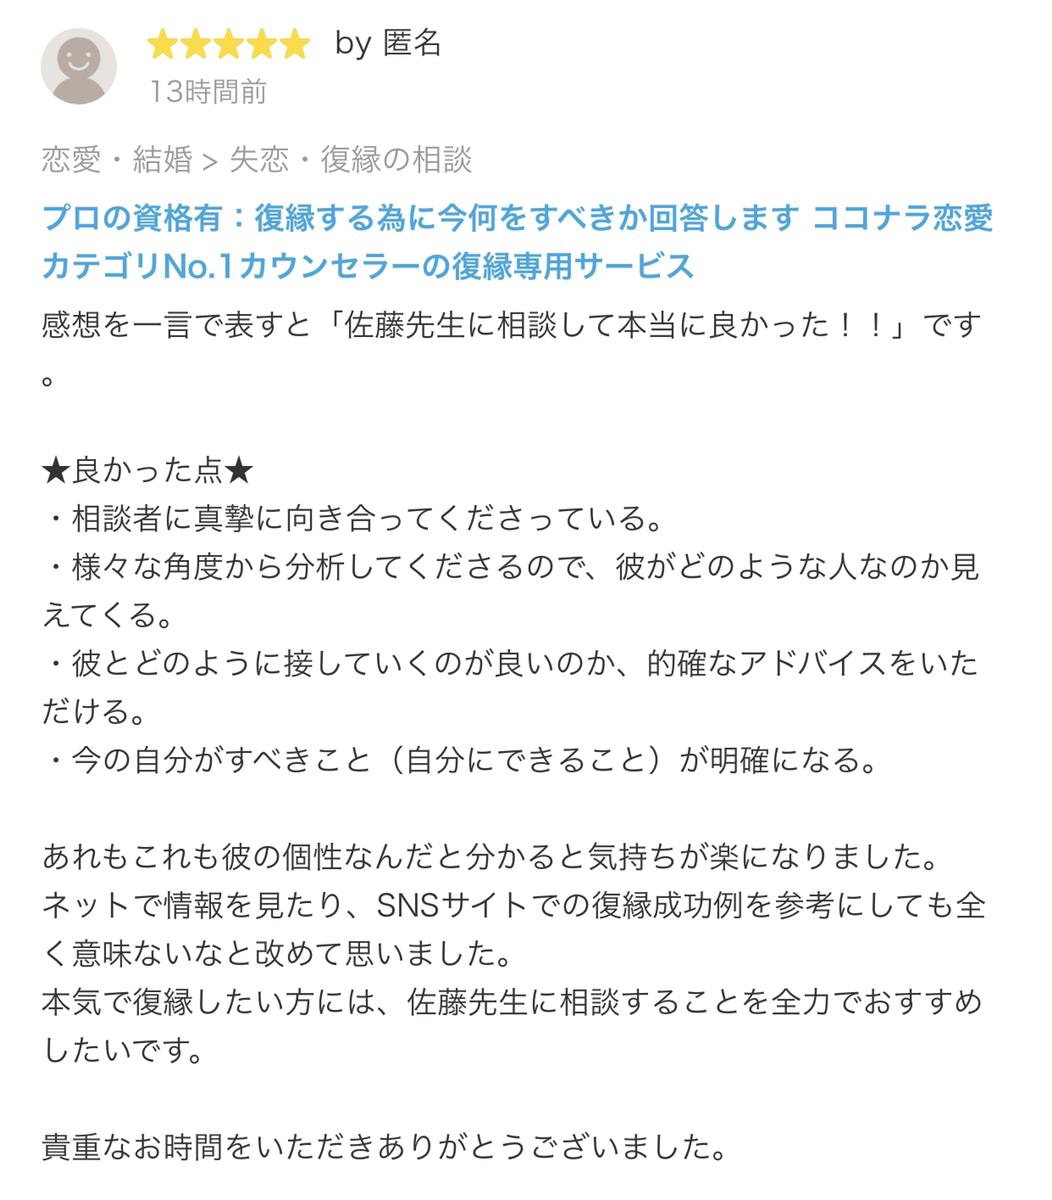 f:id:megumi_sato:20201128050508p:plain